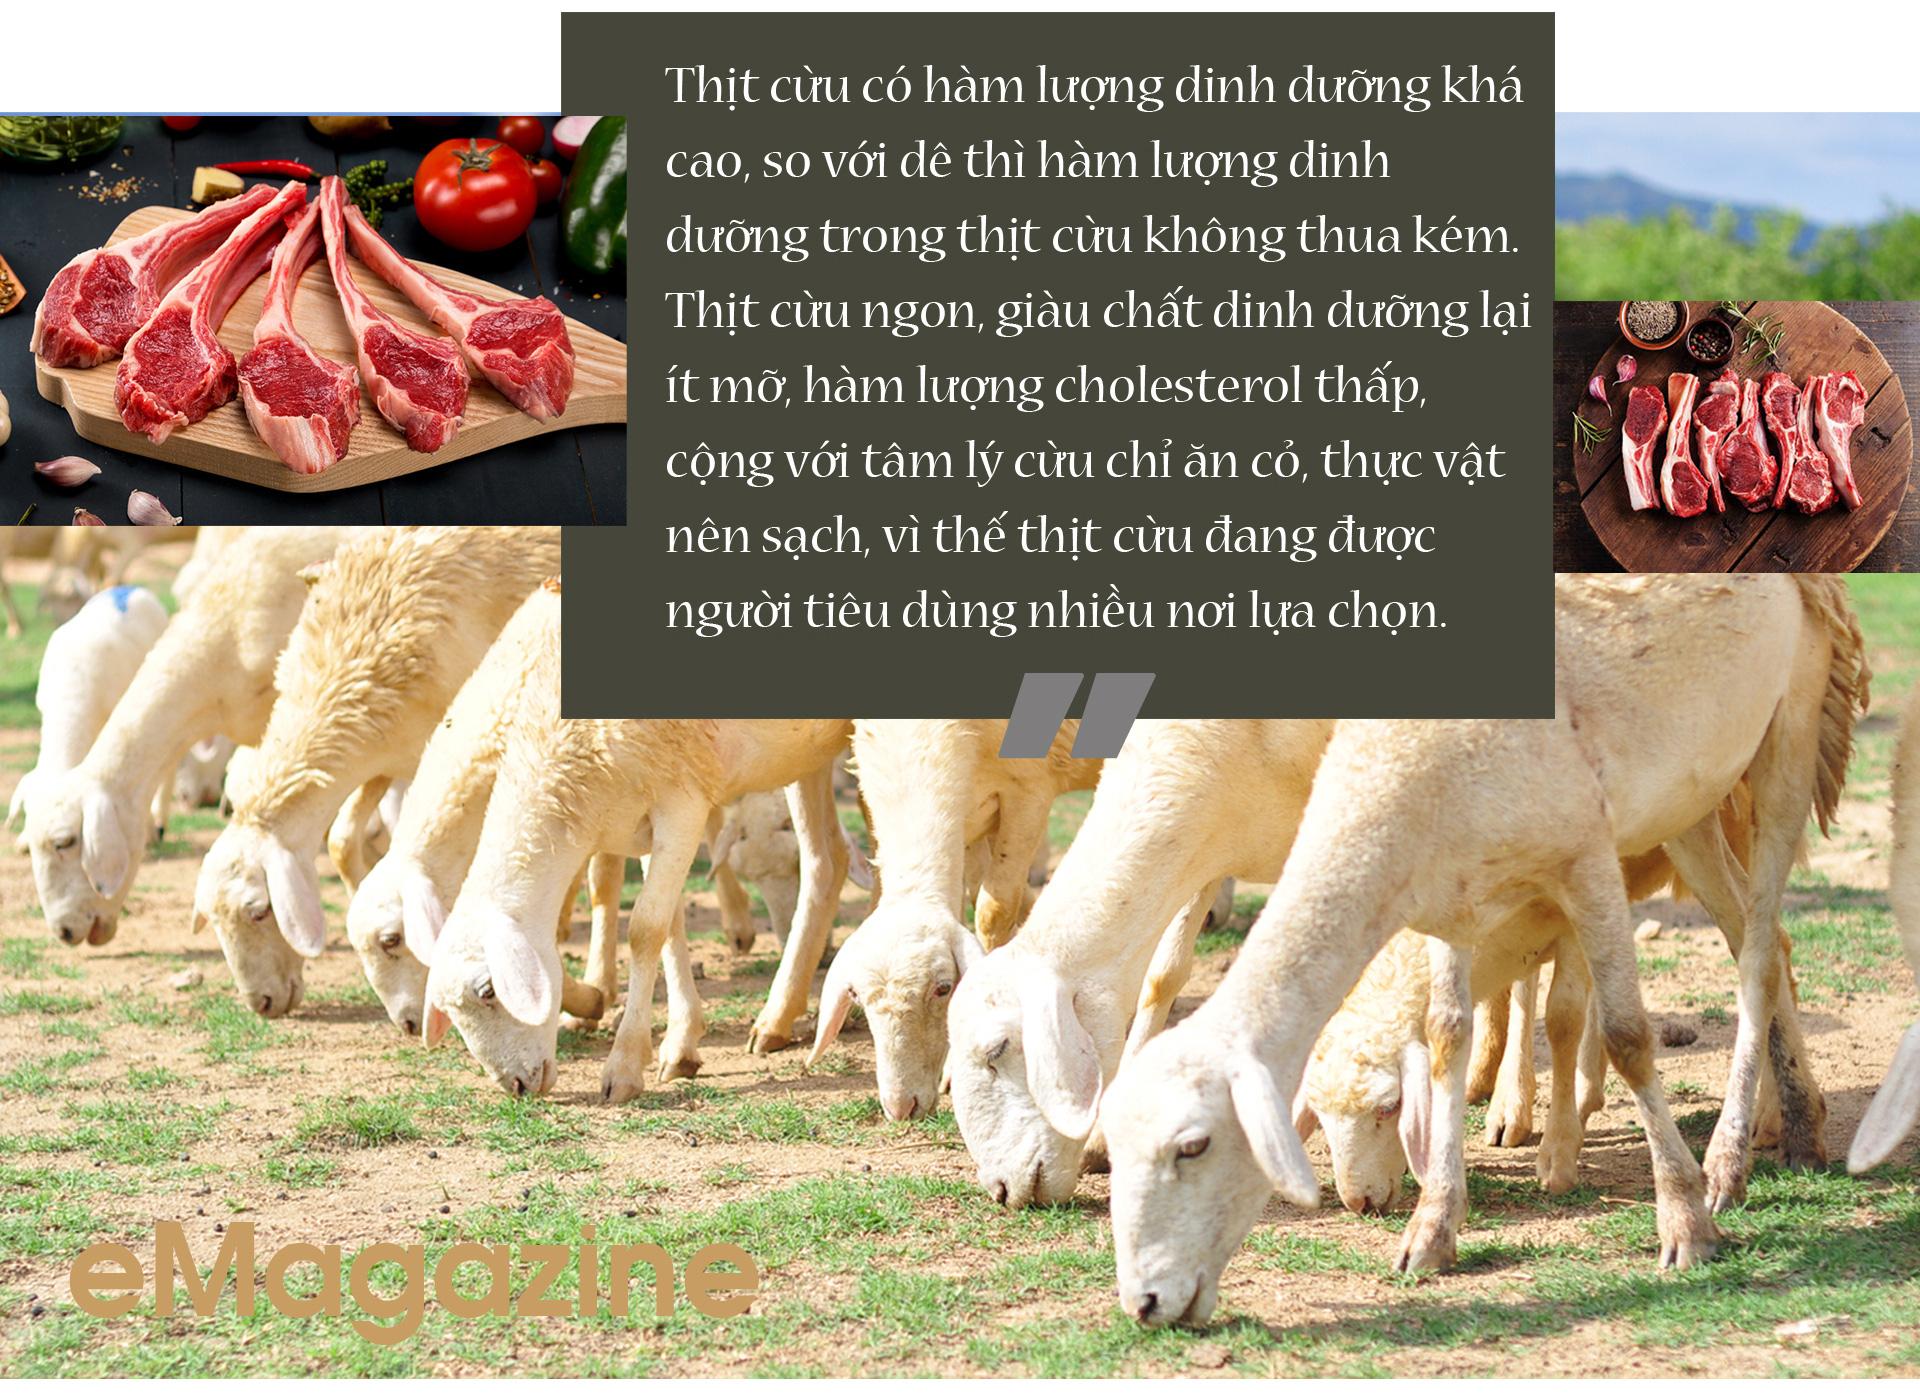 Nhiều tỉnh đã nuôi được cừu, nhưng nuôi bán thịt thì chỉ có tỉnh nào? - Ảnh 9.